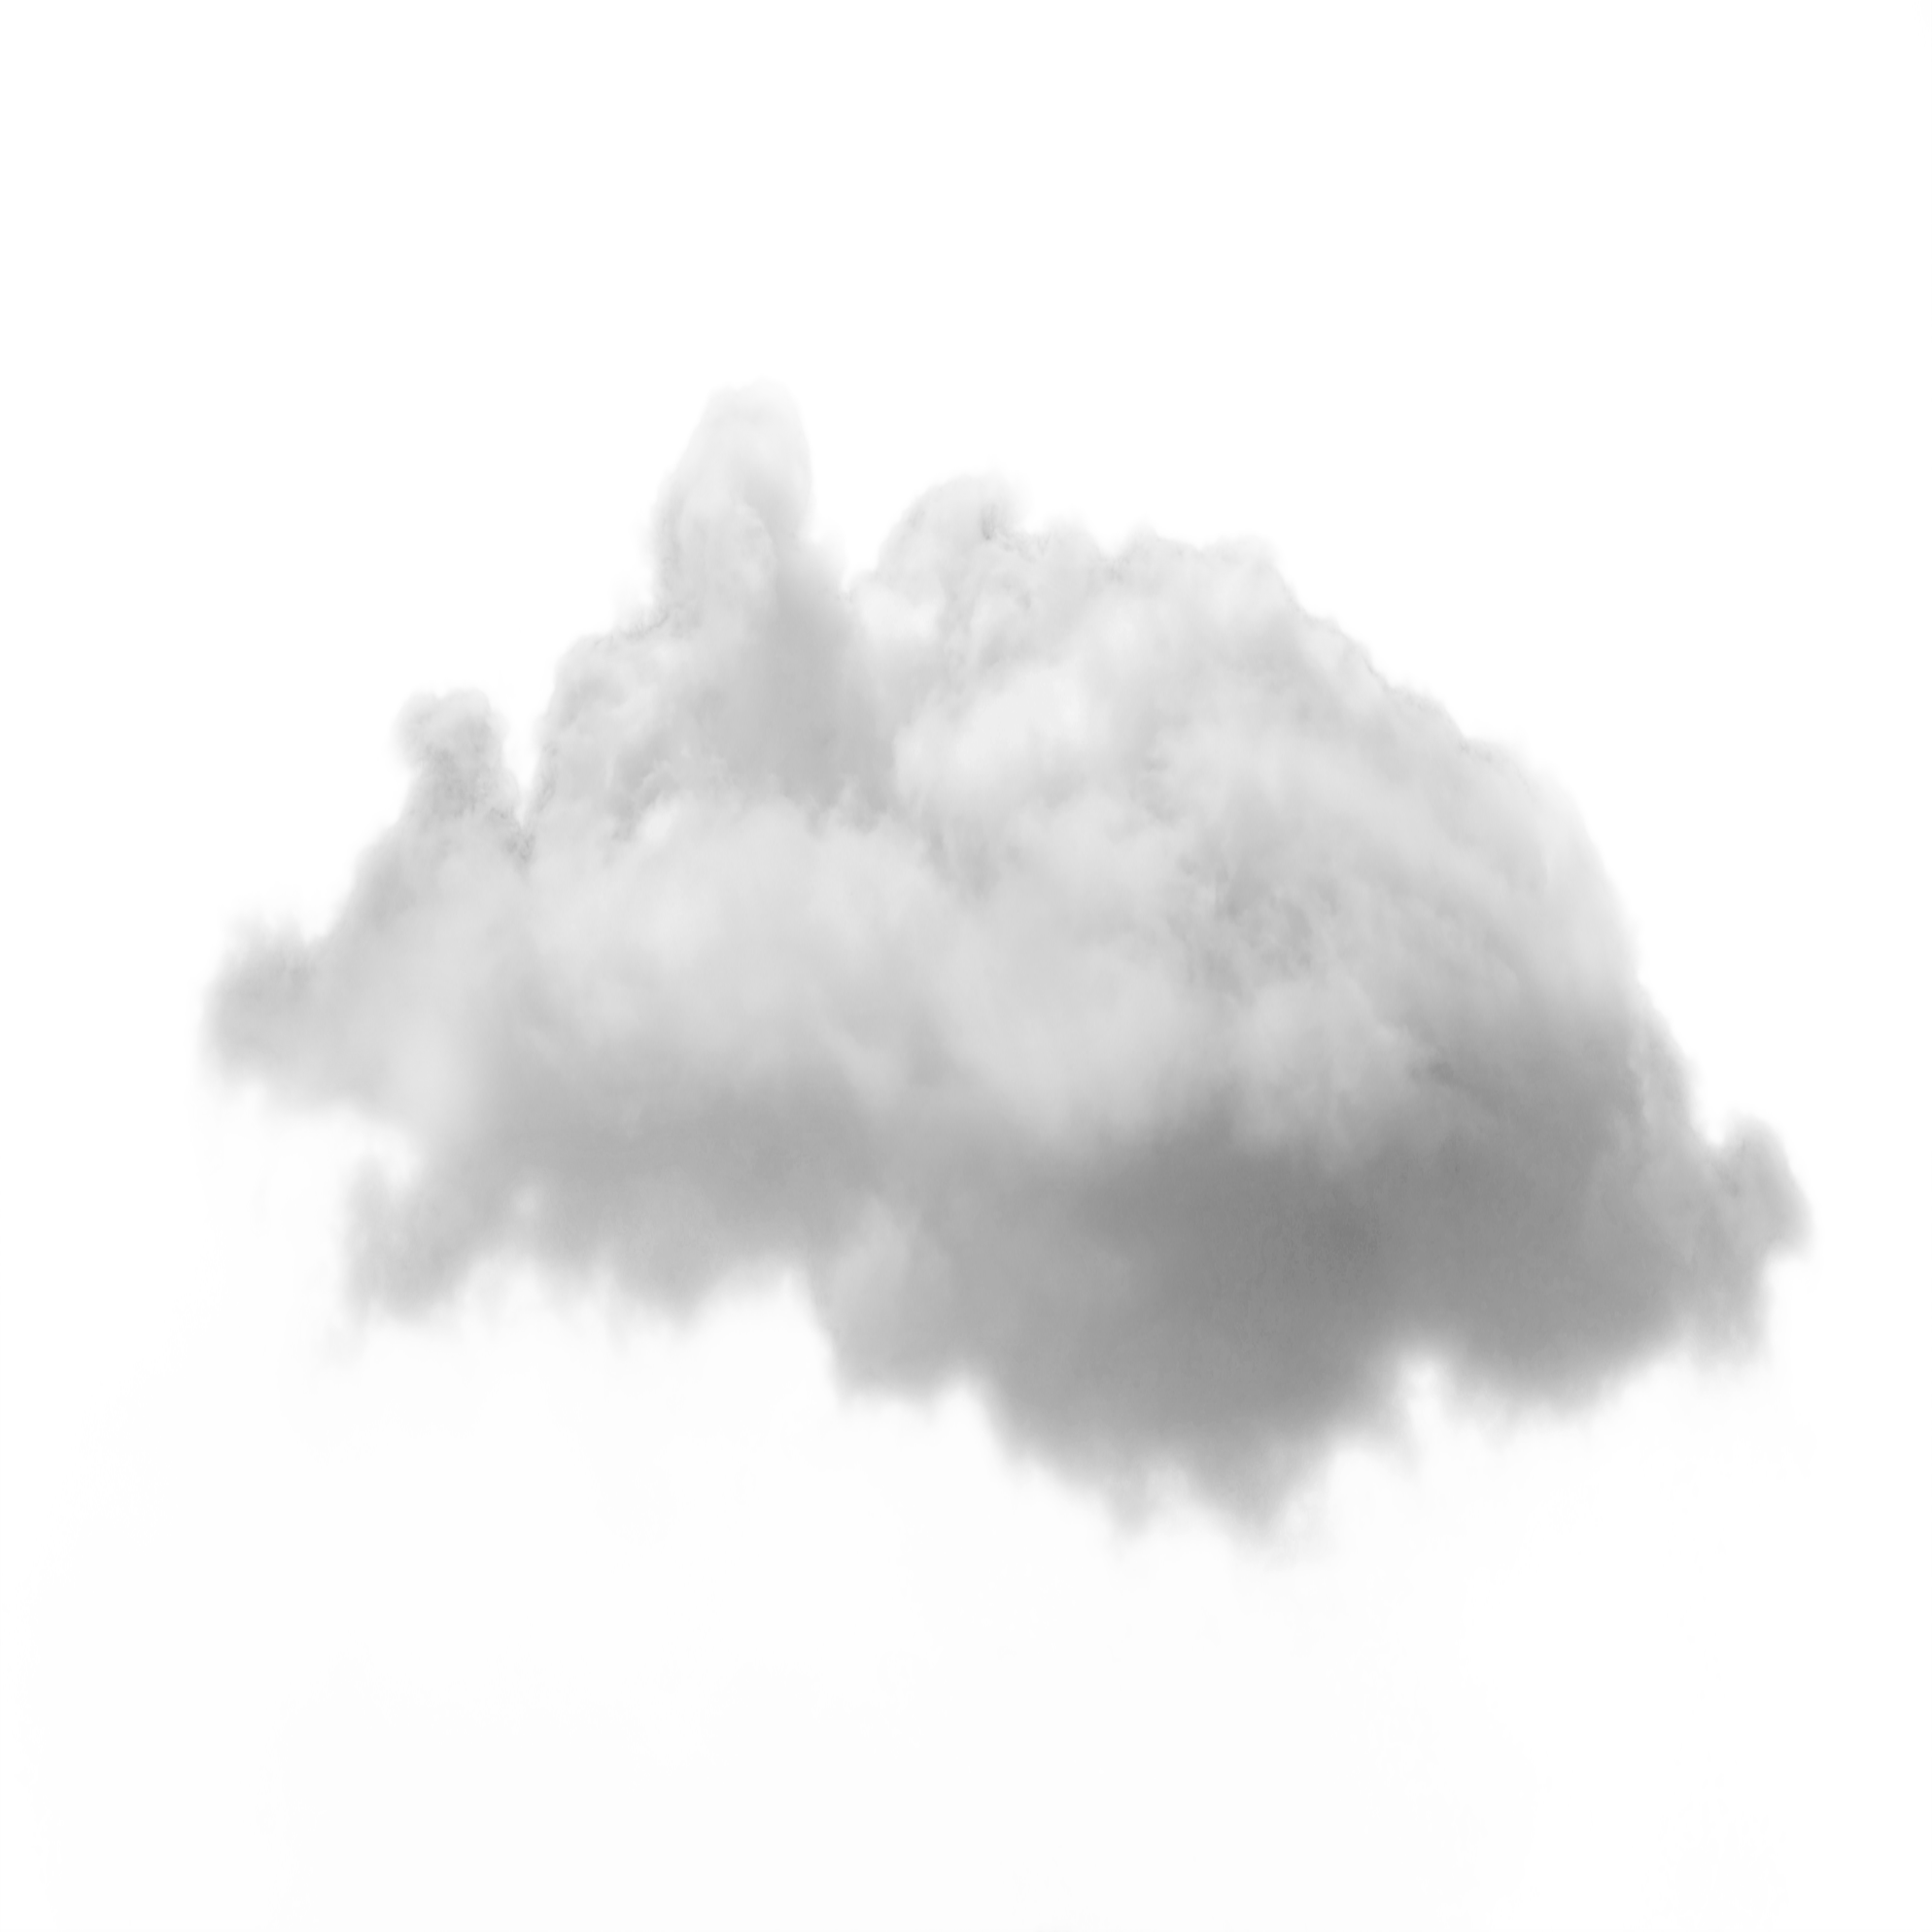 Cloud HD PNG - 92134